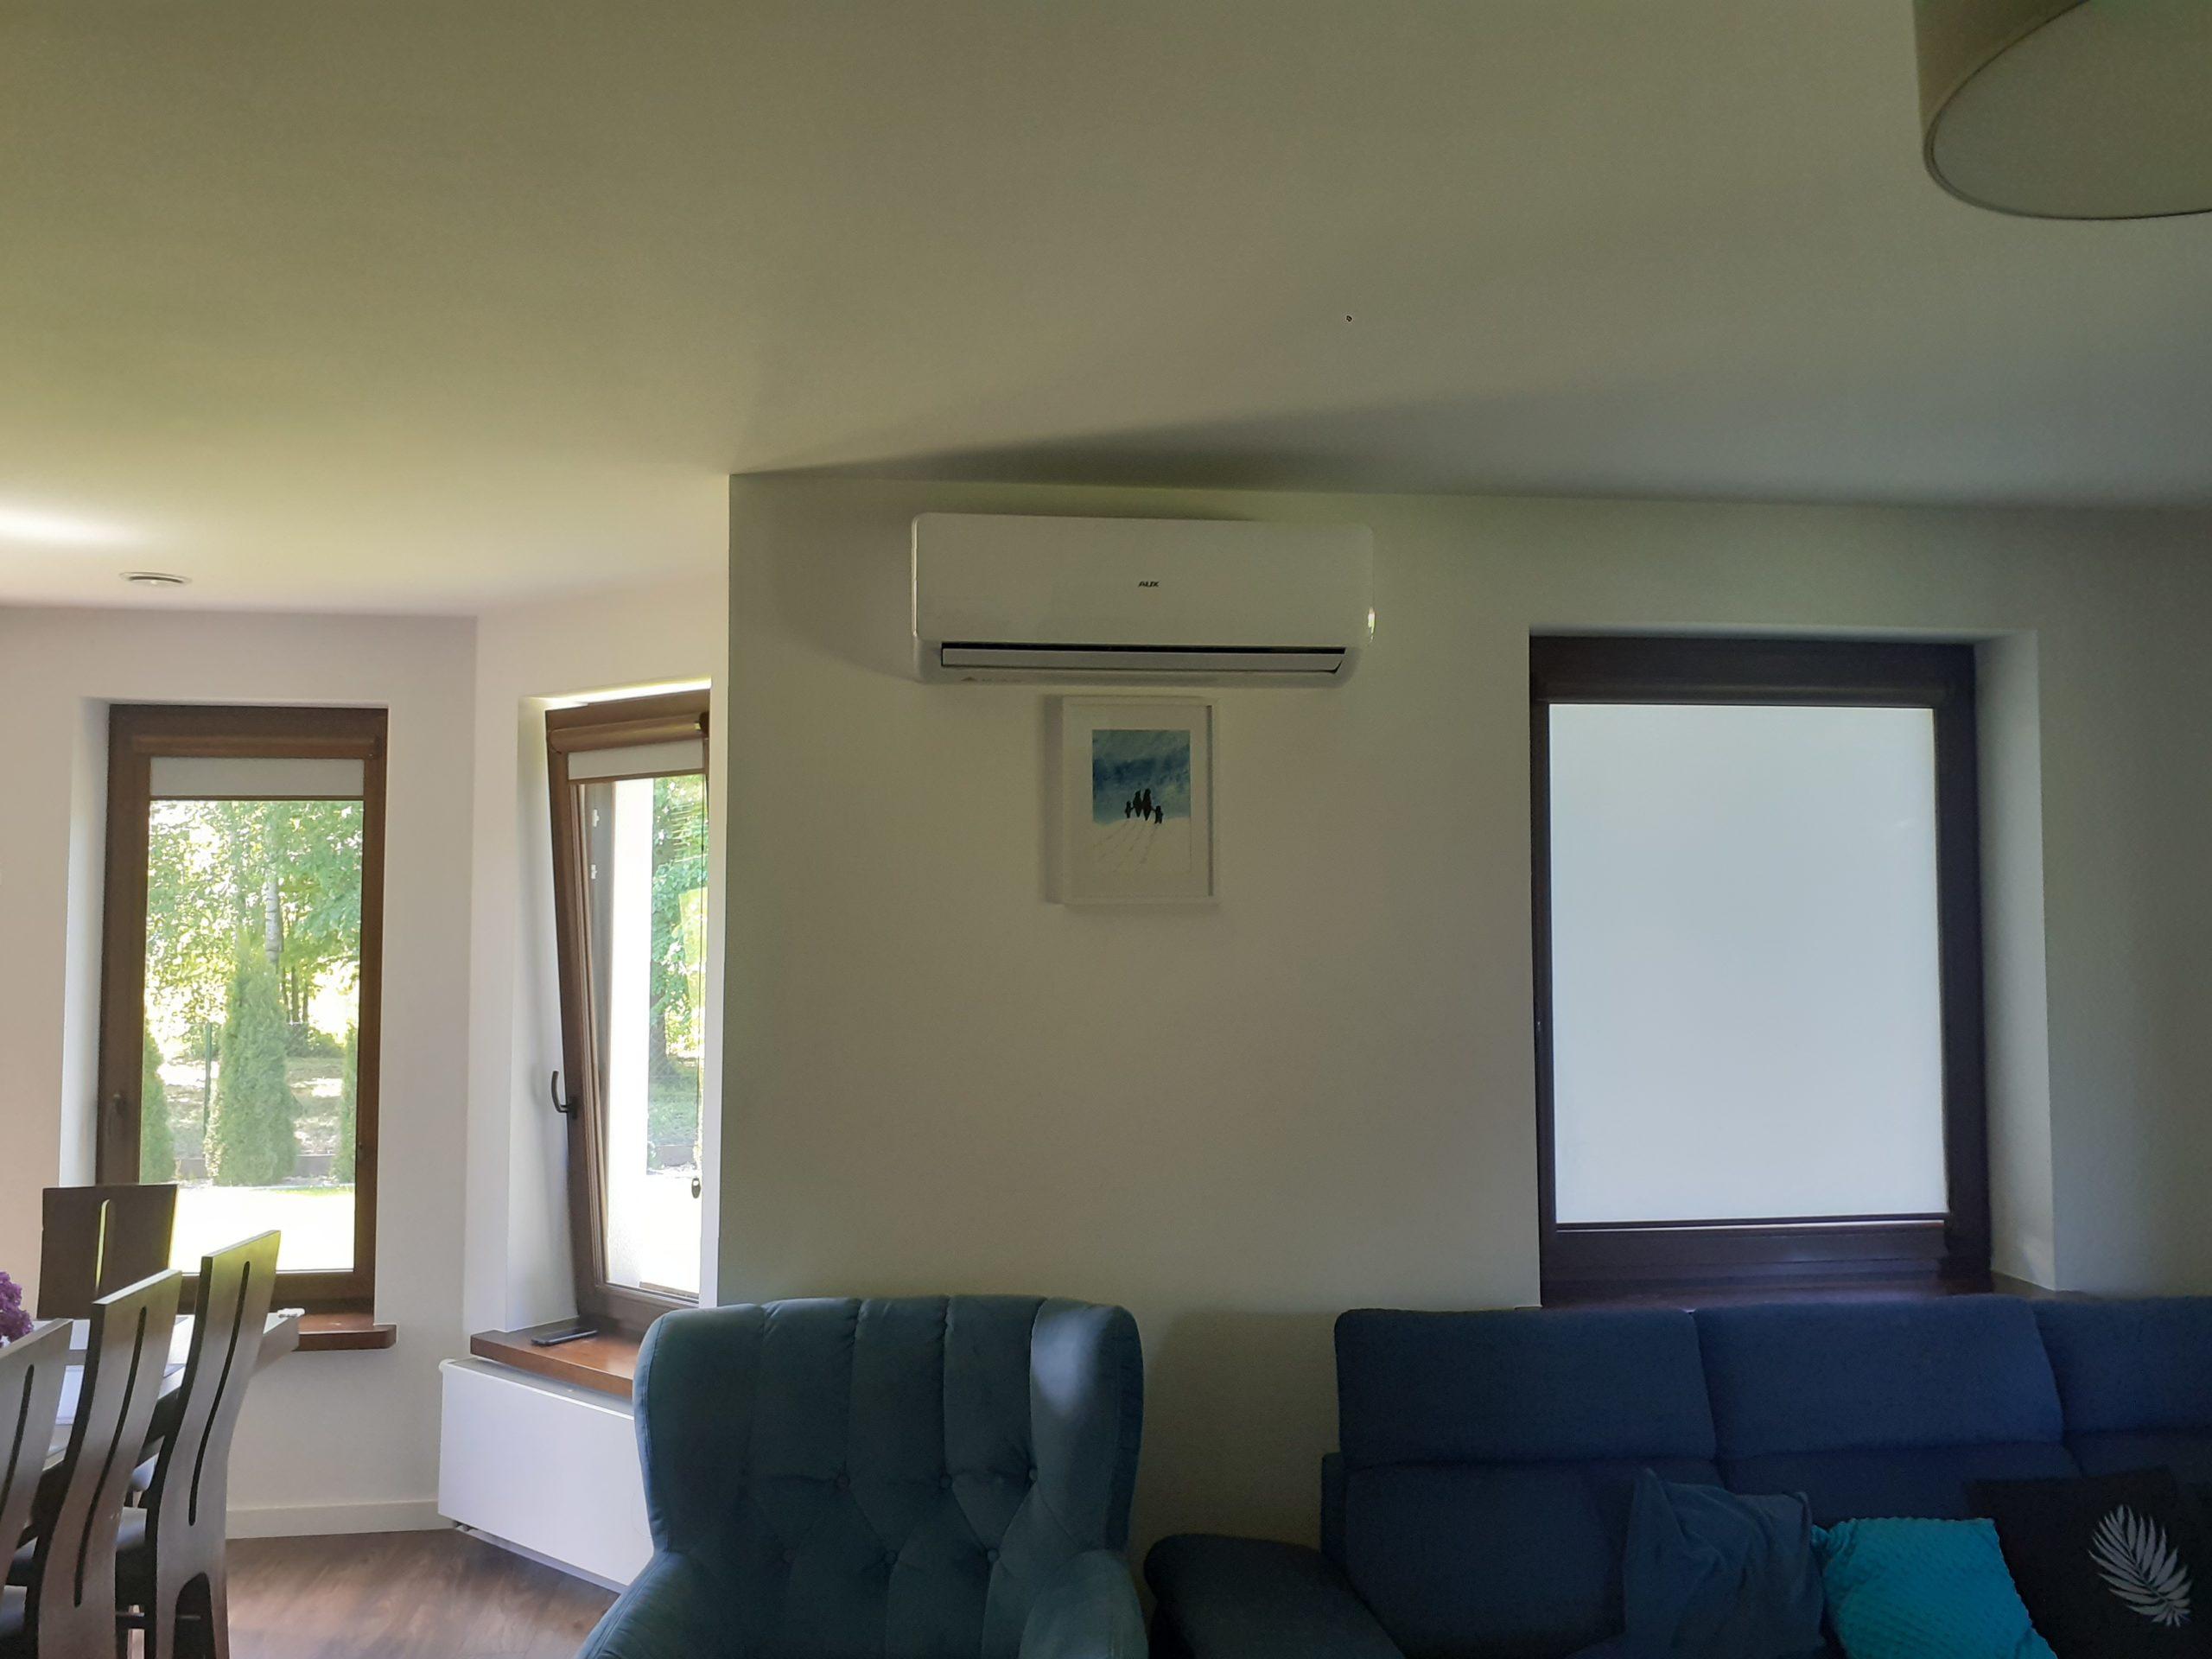 klimatyzacja janow lubelski montaz klimatyzacji janow lubelski infomech 9